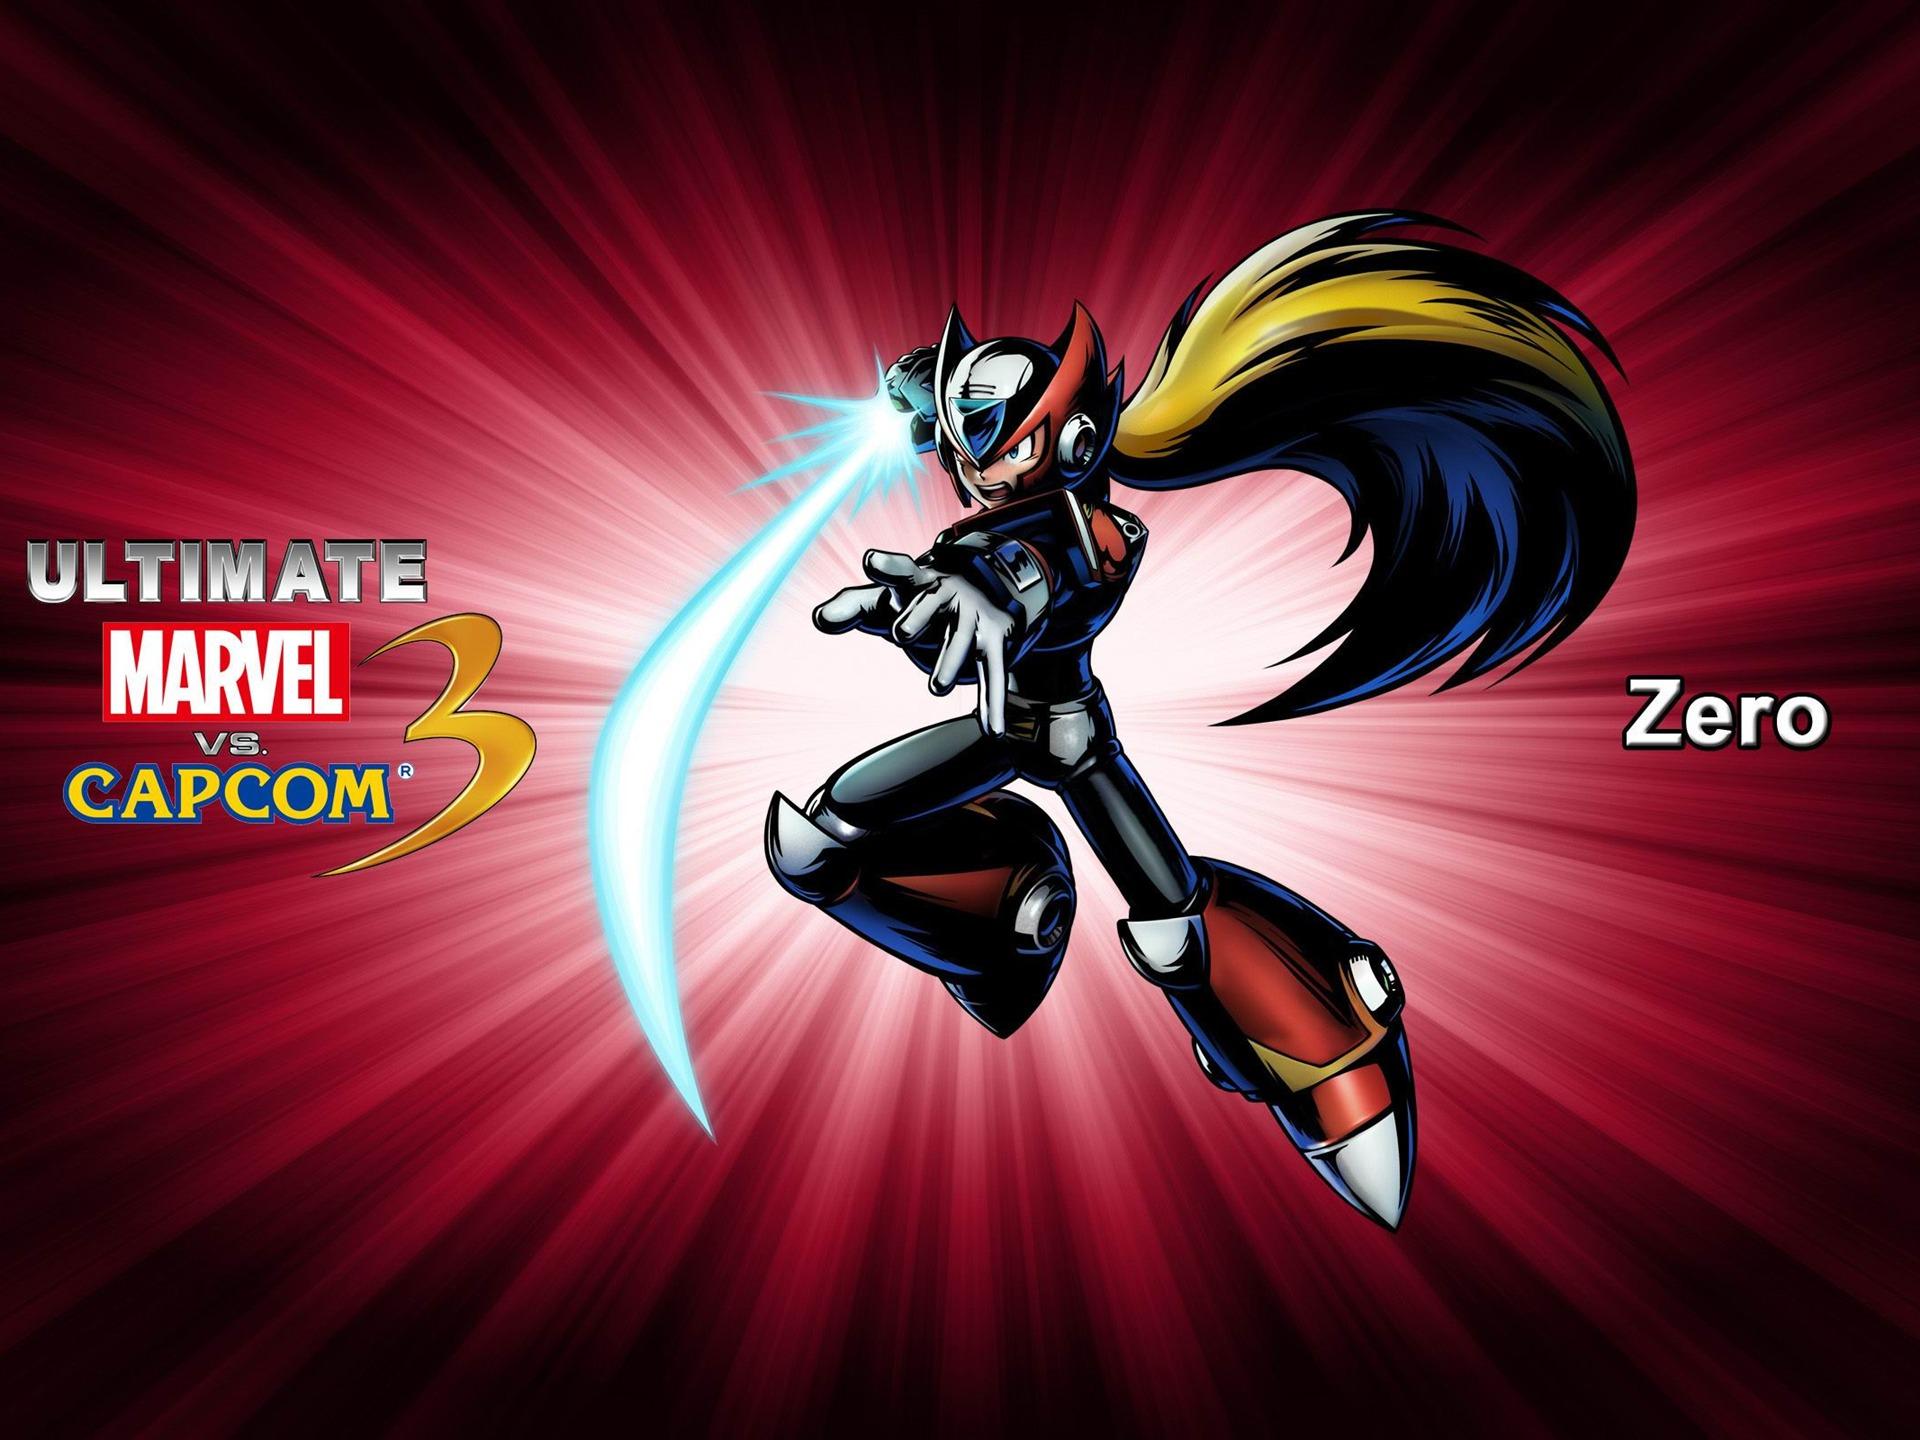 Zero Ultimate Marvel Vs Capcom 3 Game Wallpaper Preview